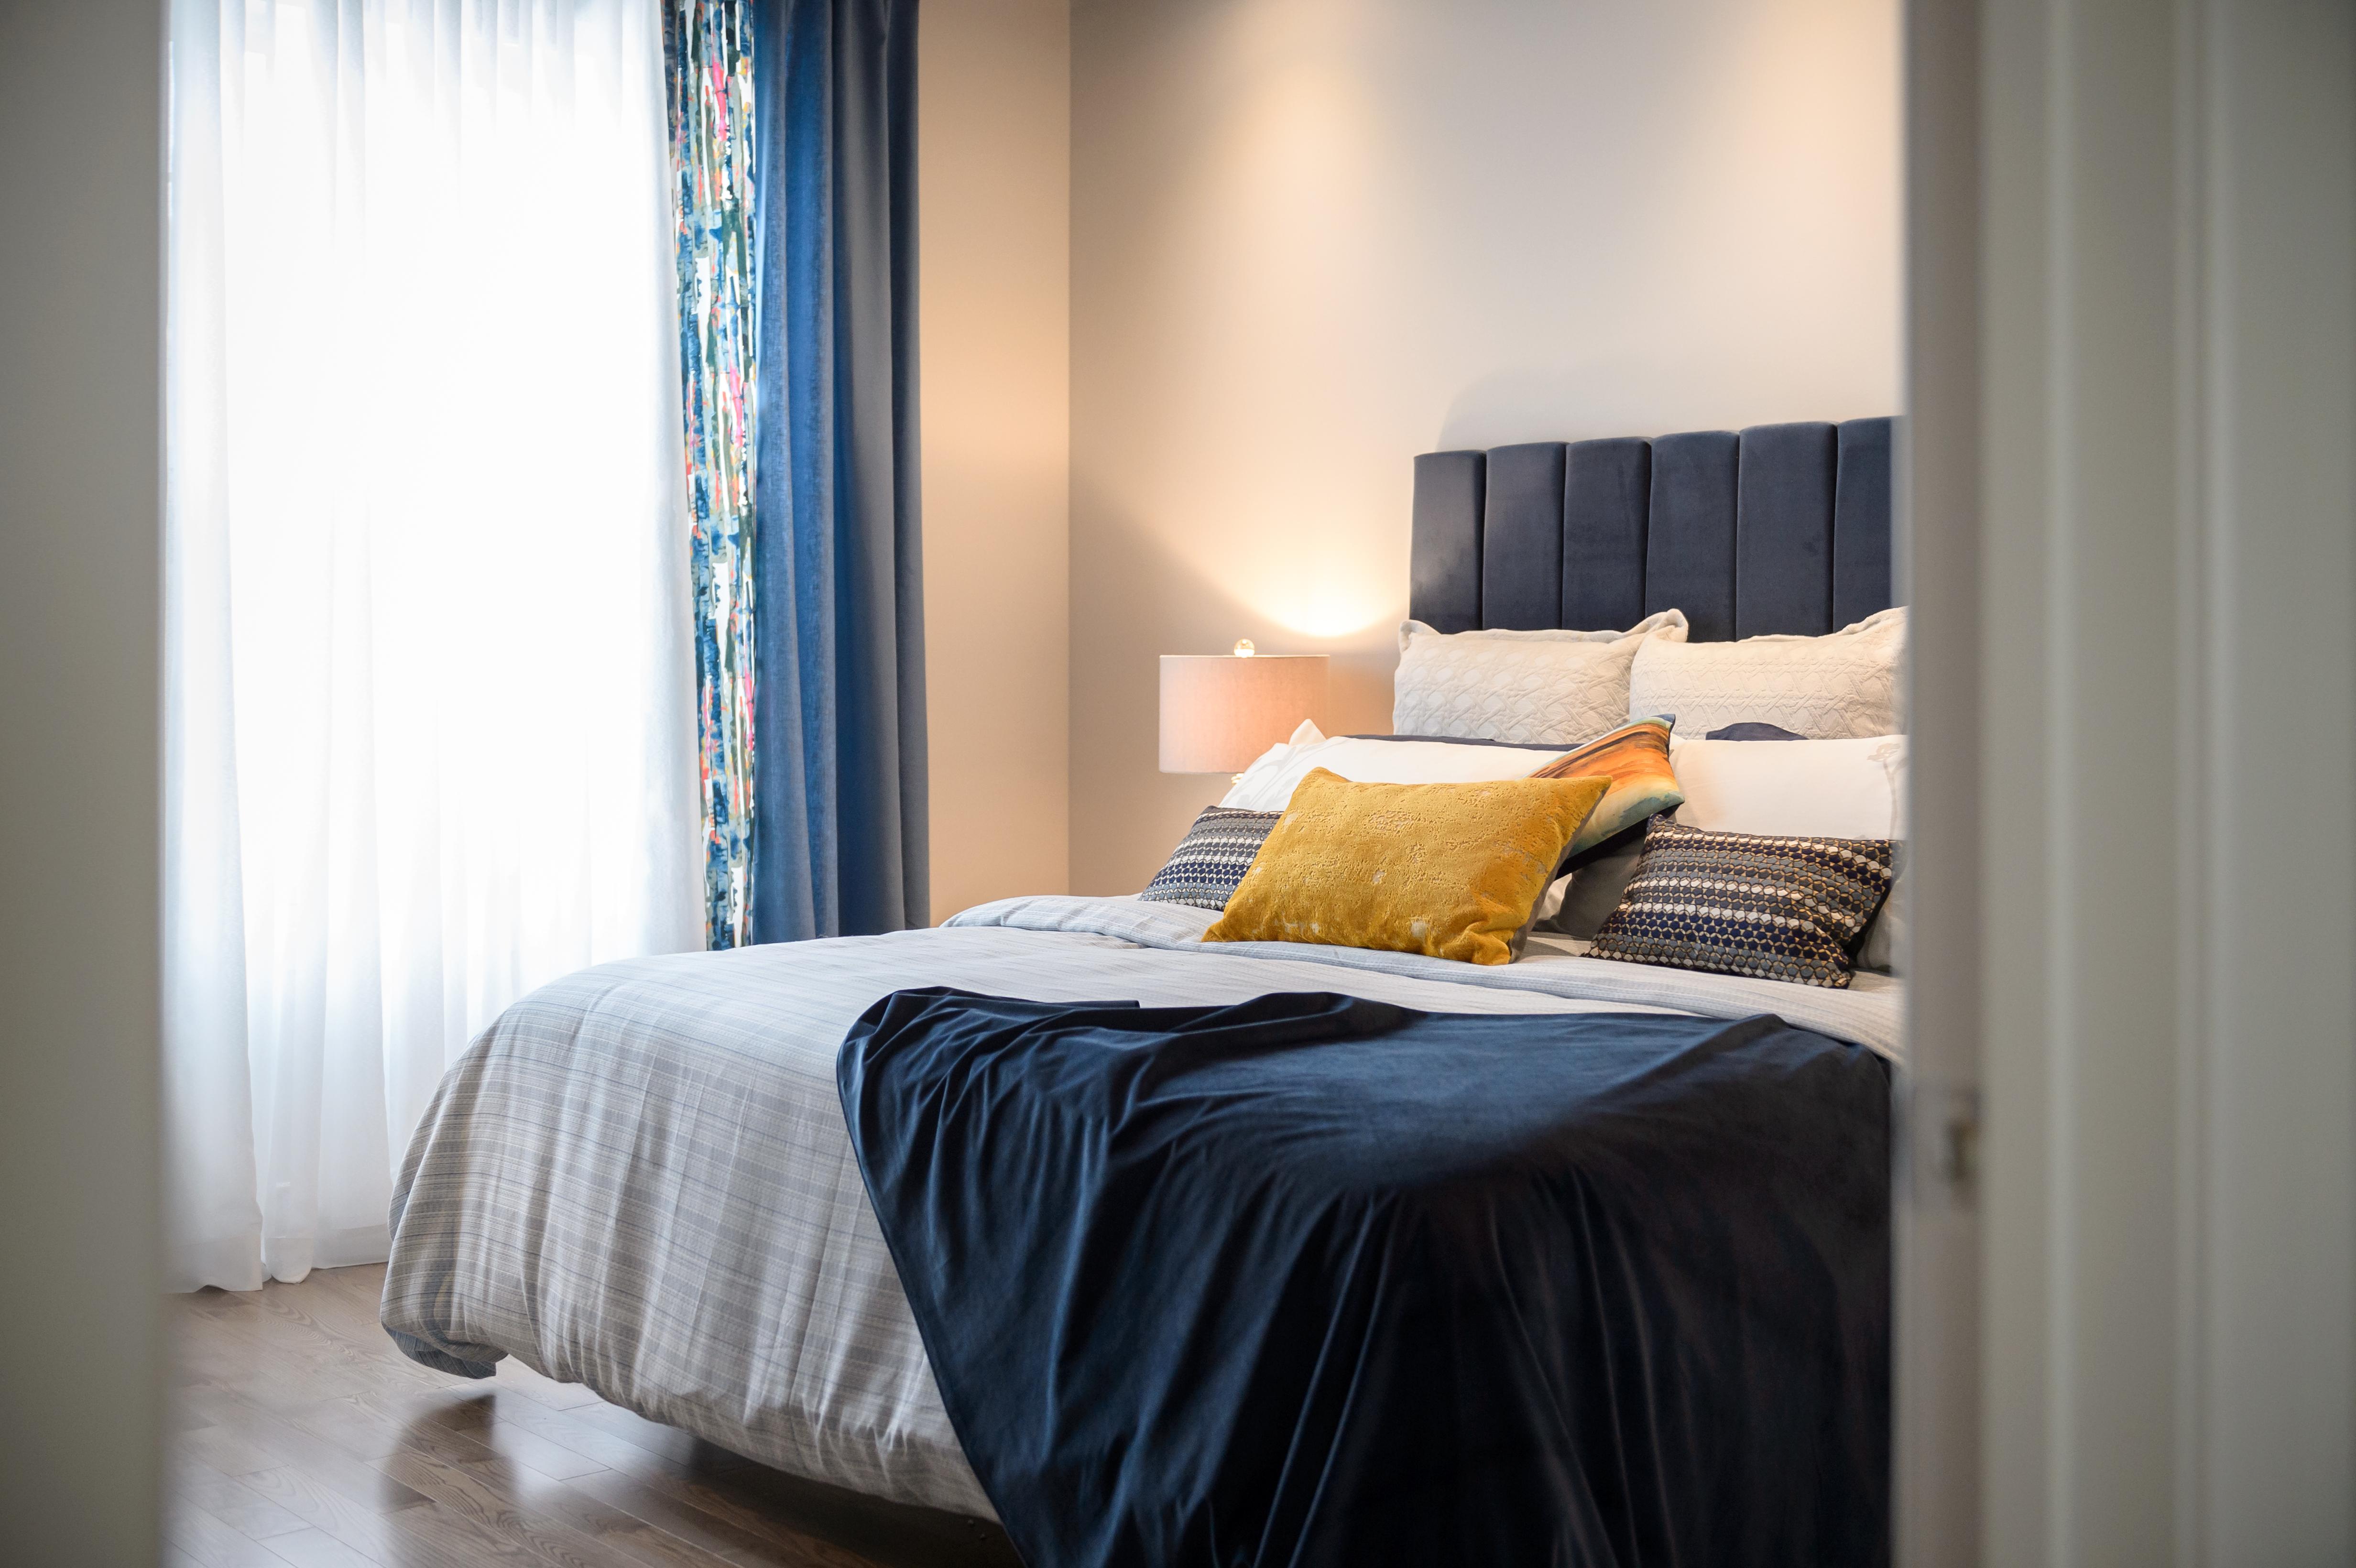 Déco Chambre À Coucher Adulte guide: la parfaite chambre à coucher | magazine | la pièce